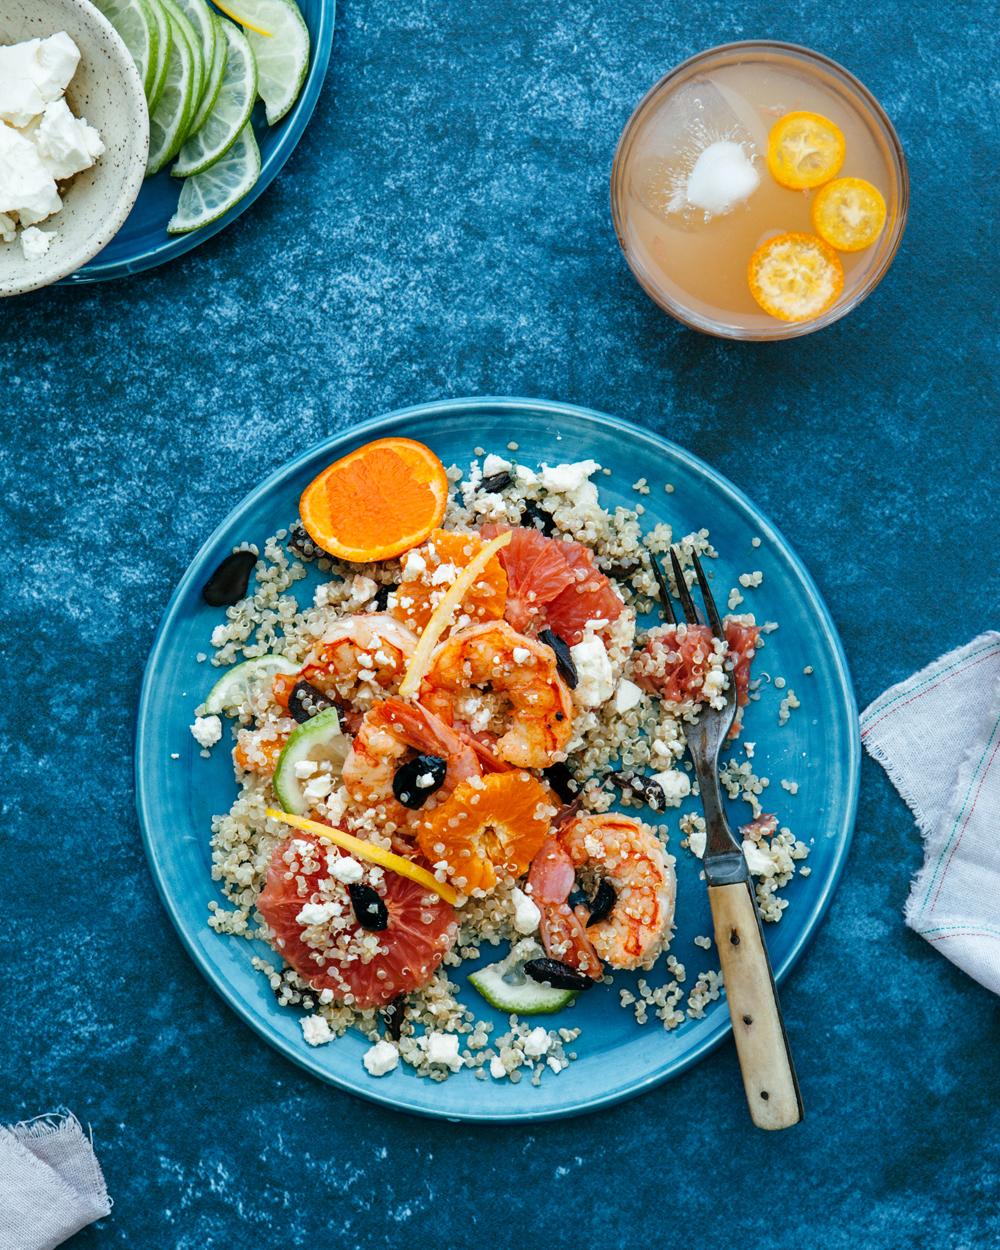 Citrus, Shrimp, and Quinoa Salad